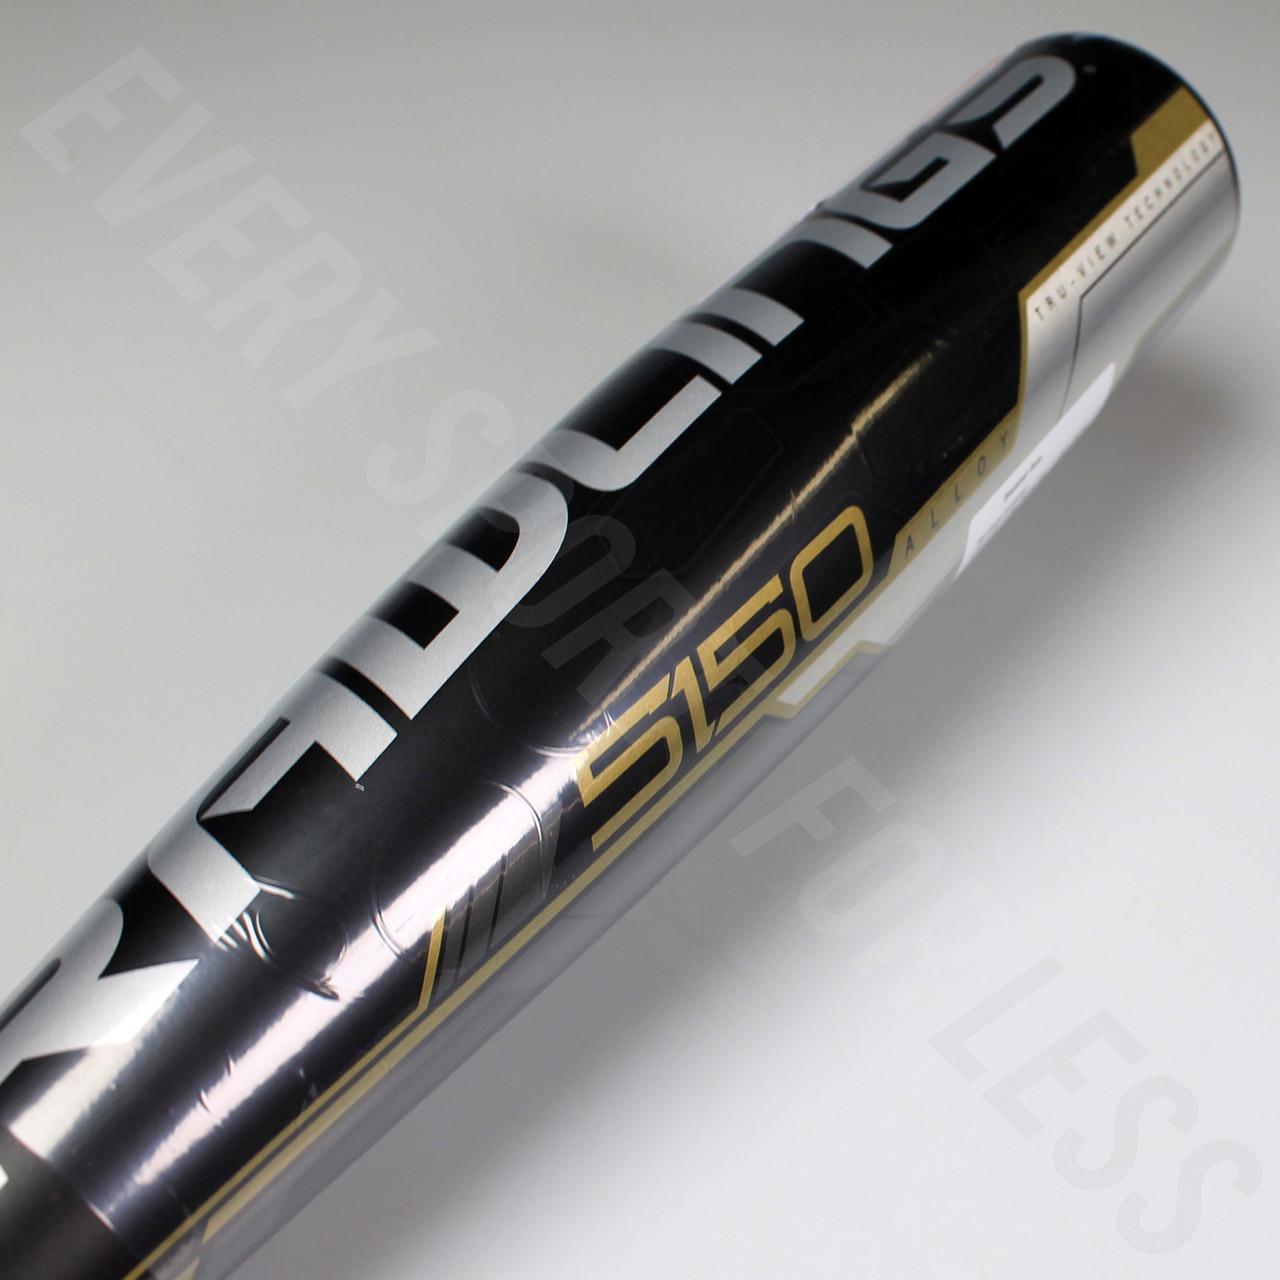 Rawlings 5150 Big Barrel -5 USA Baseball Bat